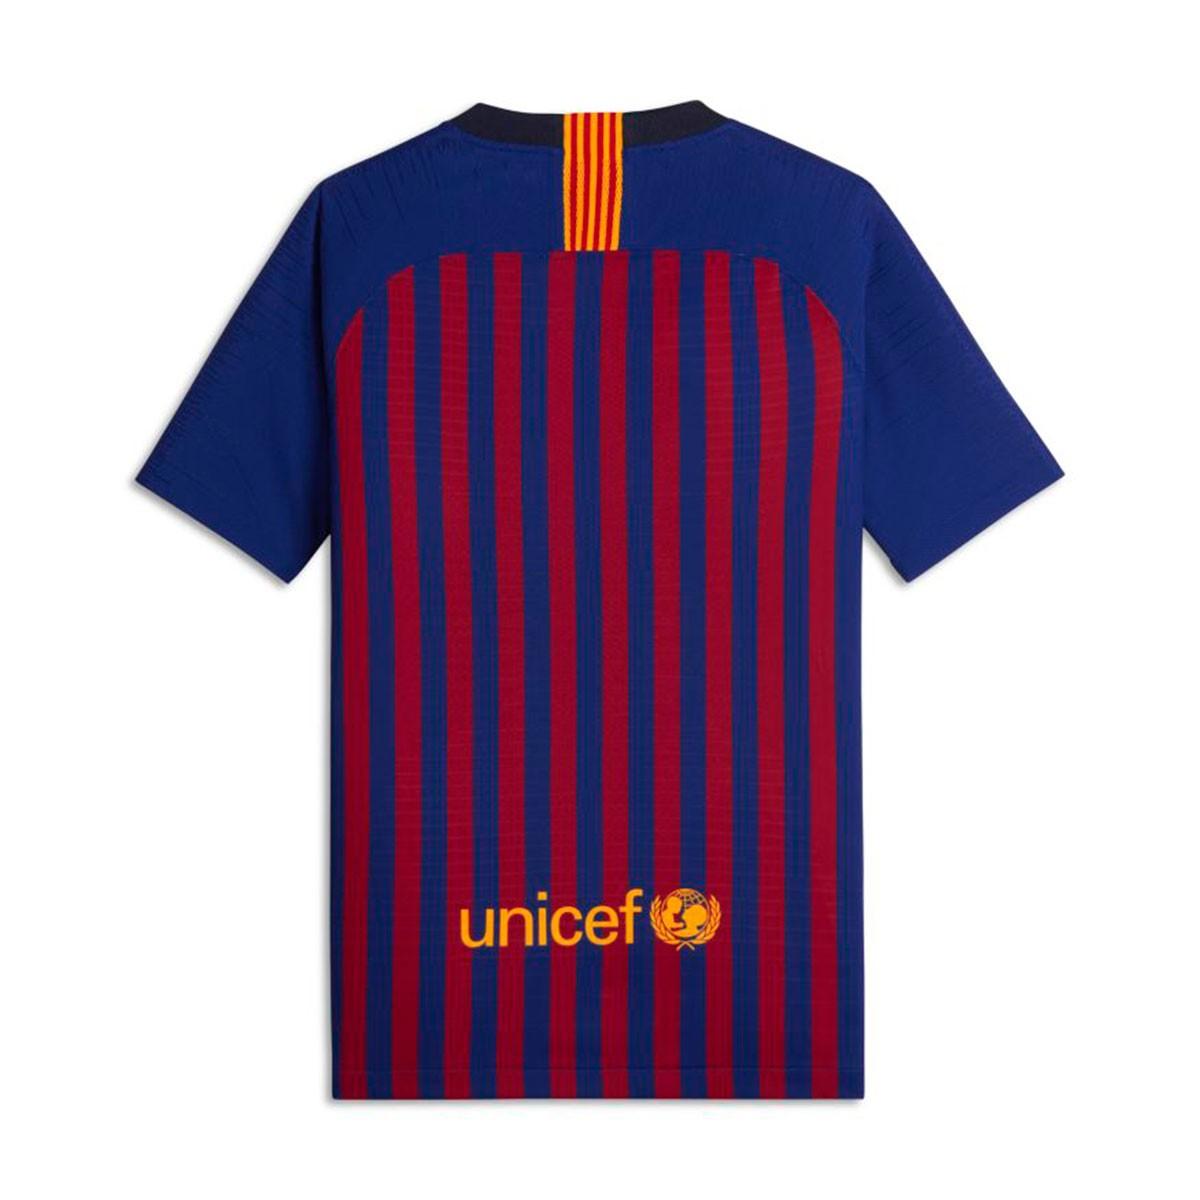 c28619e613 ... Camiseta FC Barcelona Vapor Primera Equipación 2018-2019 Niño Deep  royal blue-University gold. CATEGORY